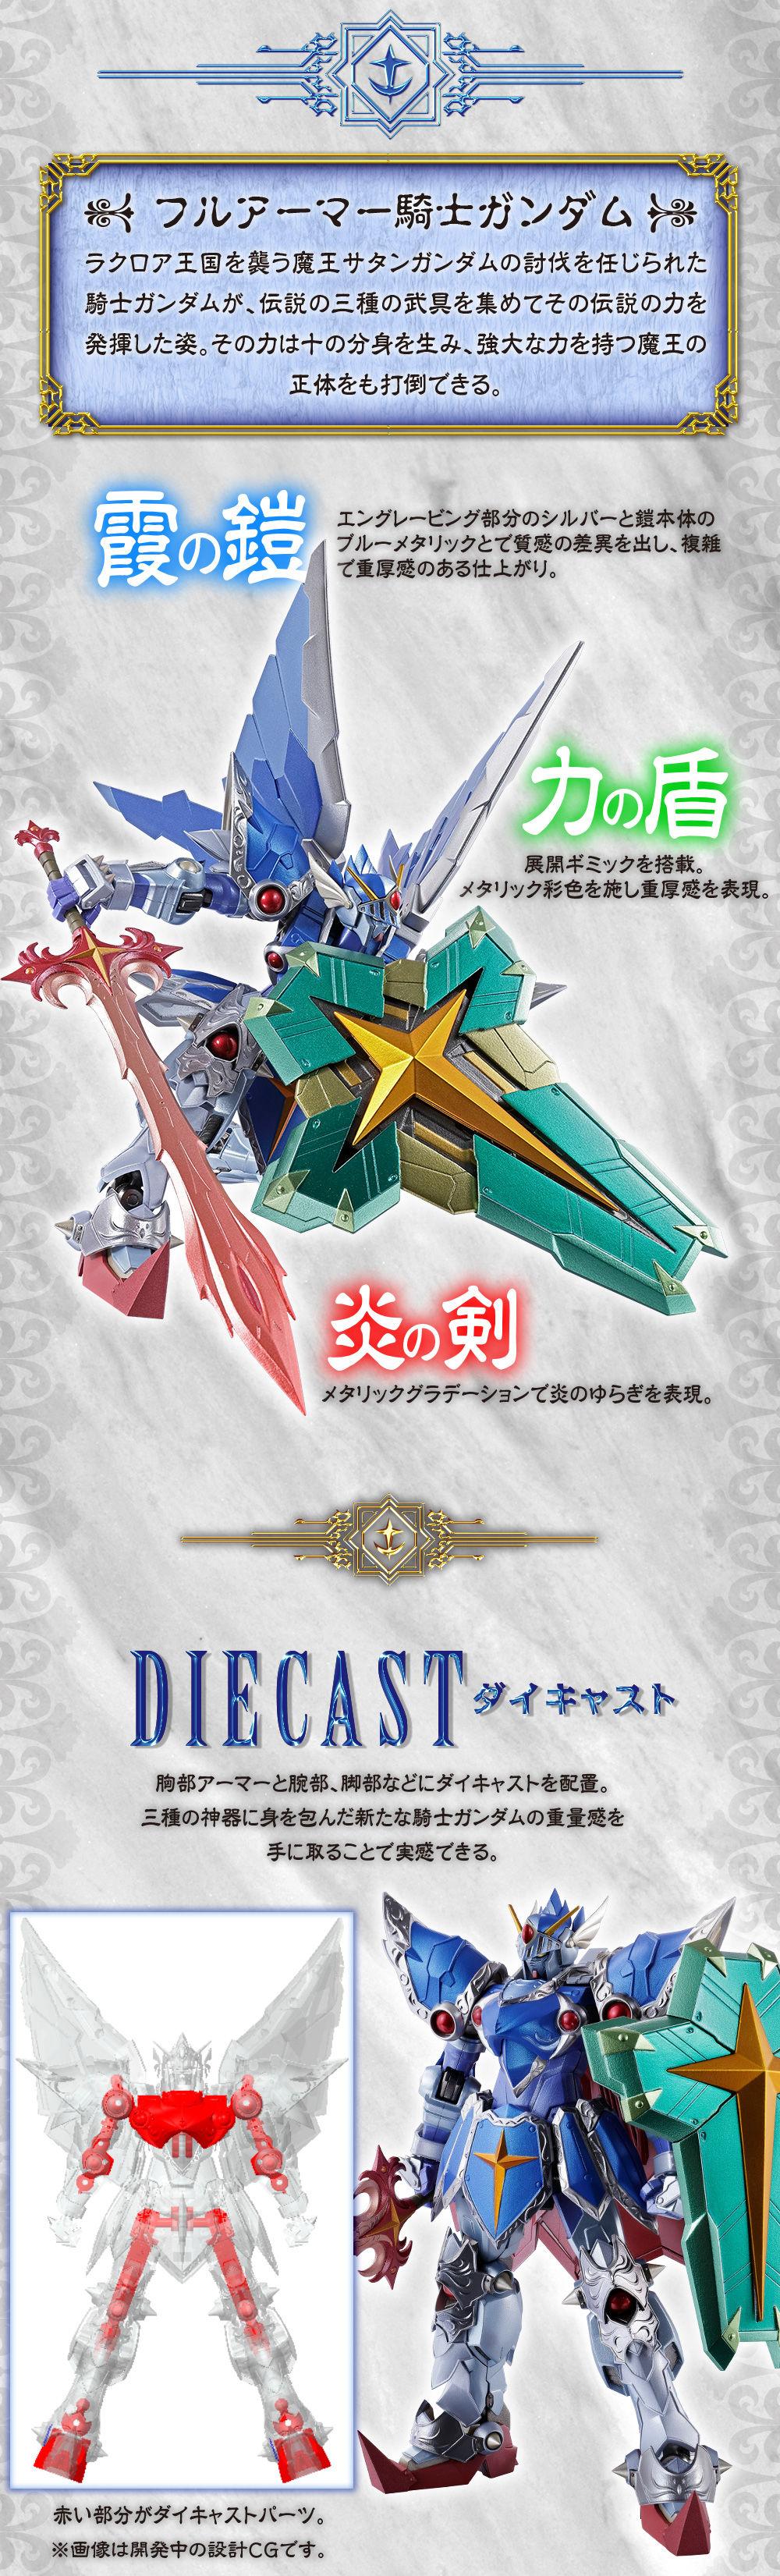 Gundam - Page 89 EDY8sQ7L_o